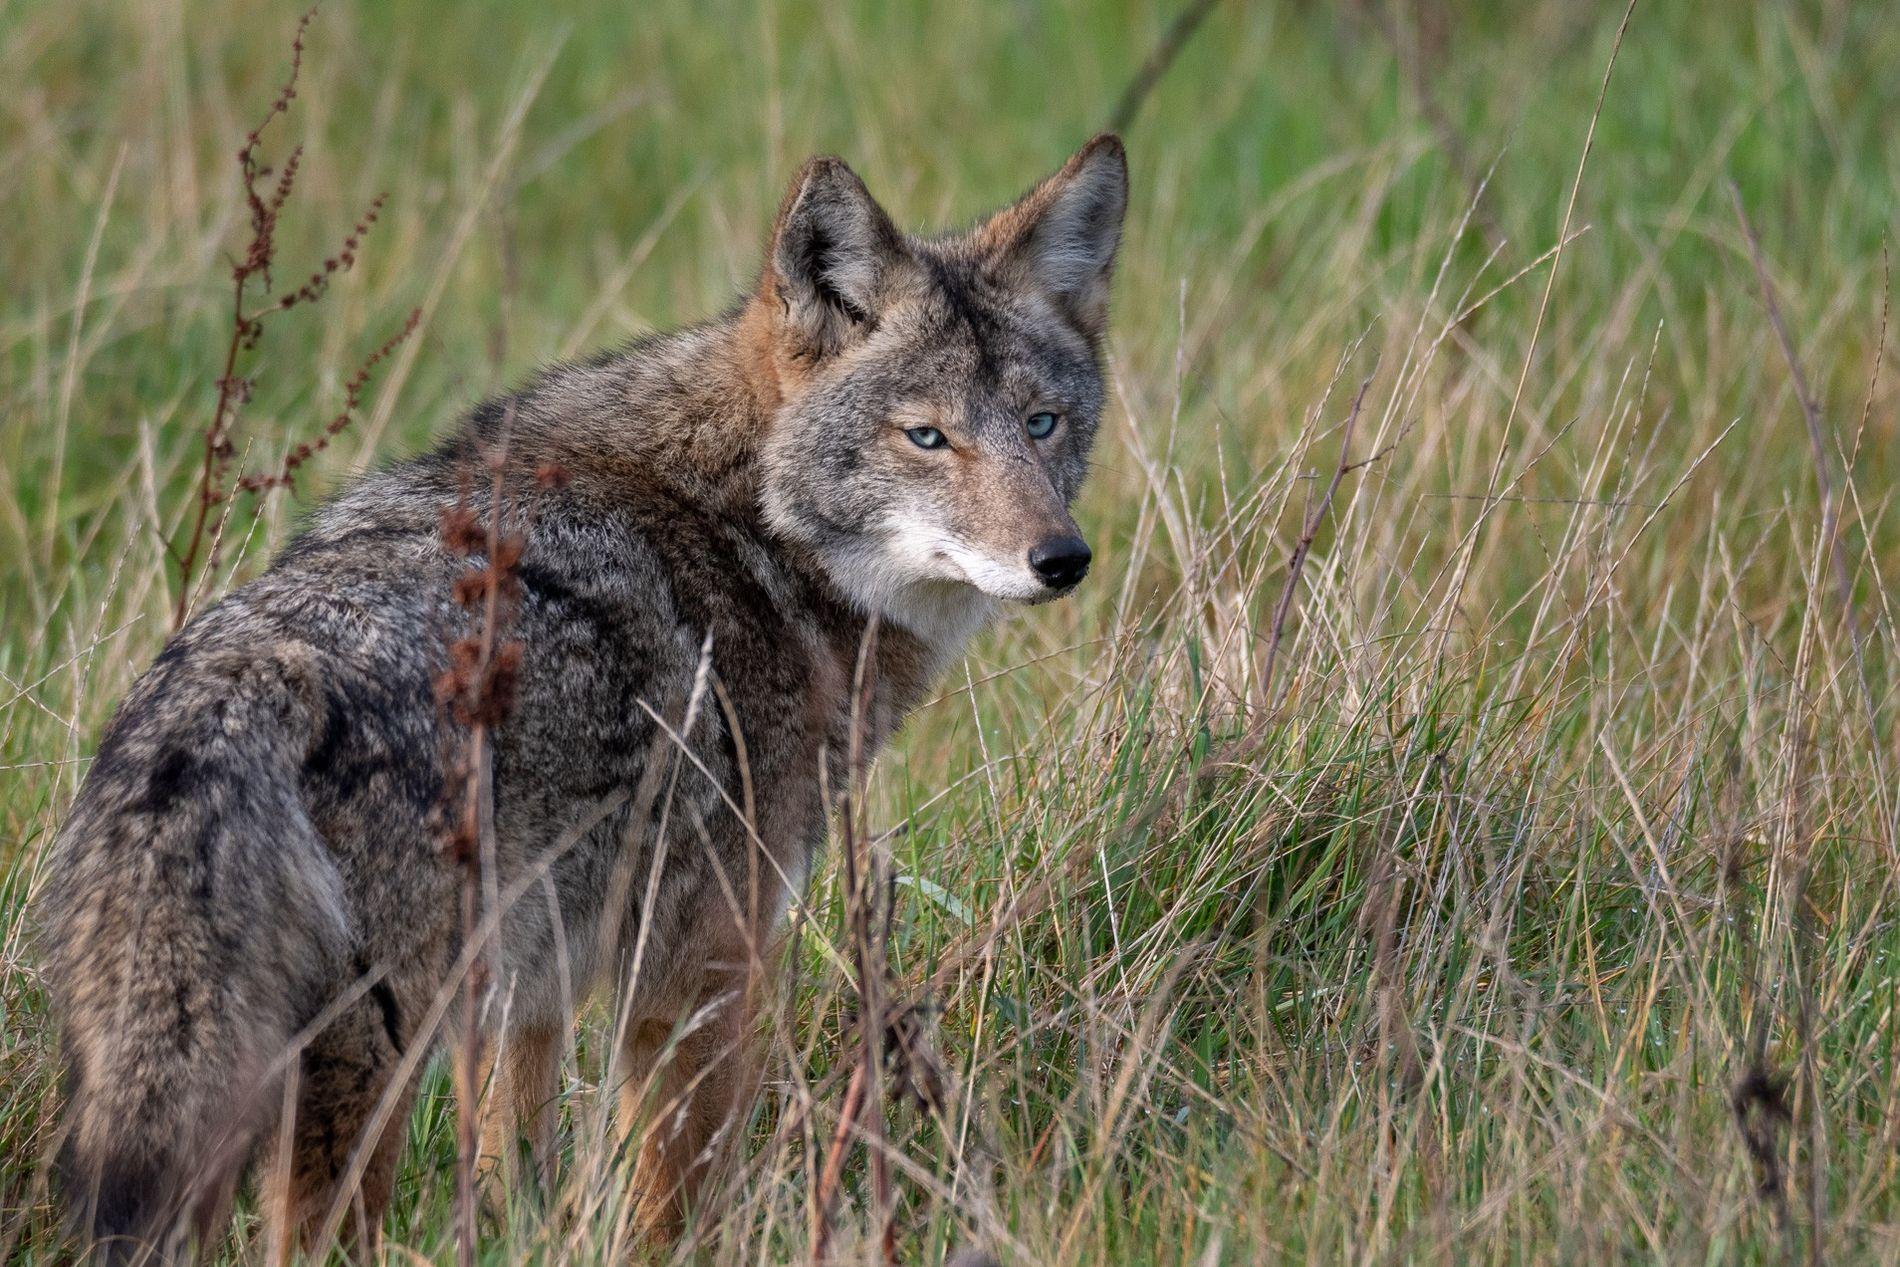 Un raro coyote de ojos azules en el litoral nacional de Punta Reyes, uno de al menos cinco en la zona. Los científicos creen que la mutación de los ojos azules se está extendiendo.